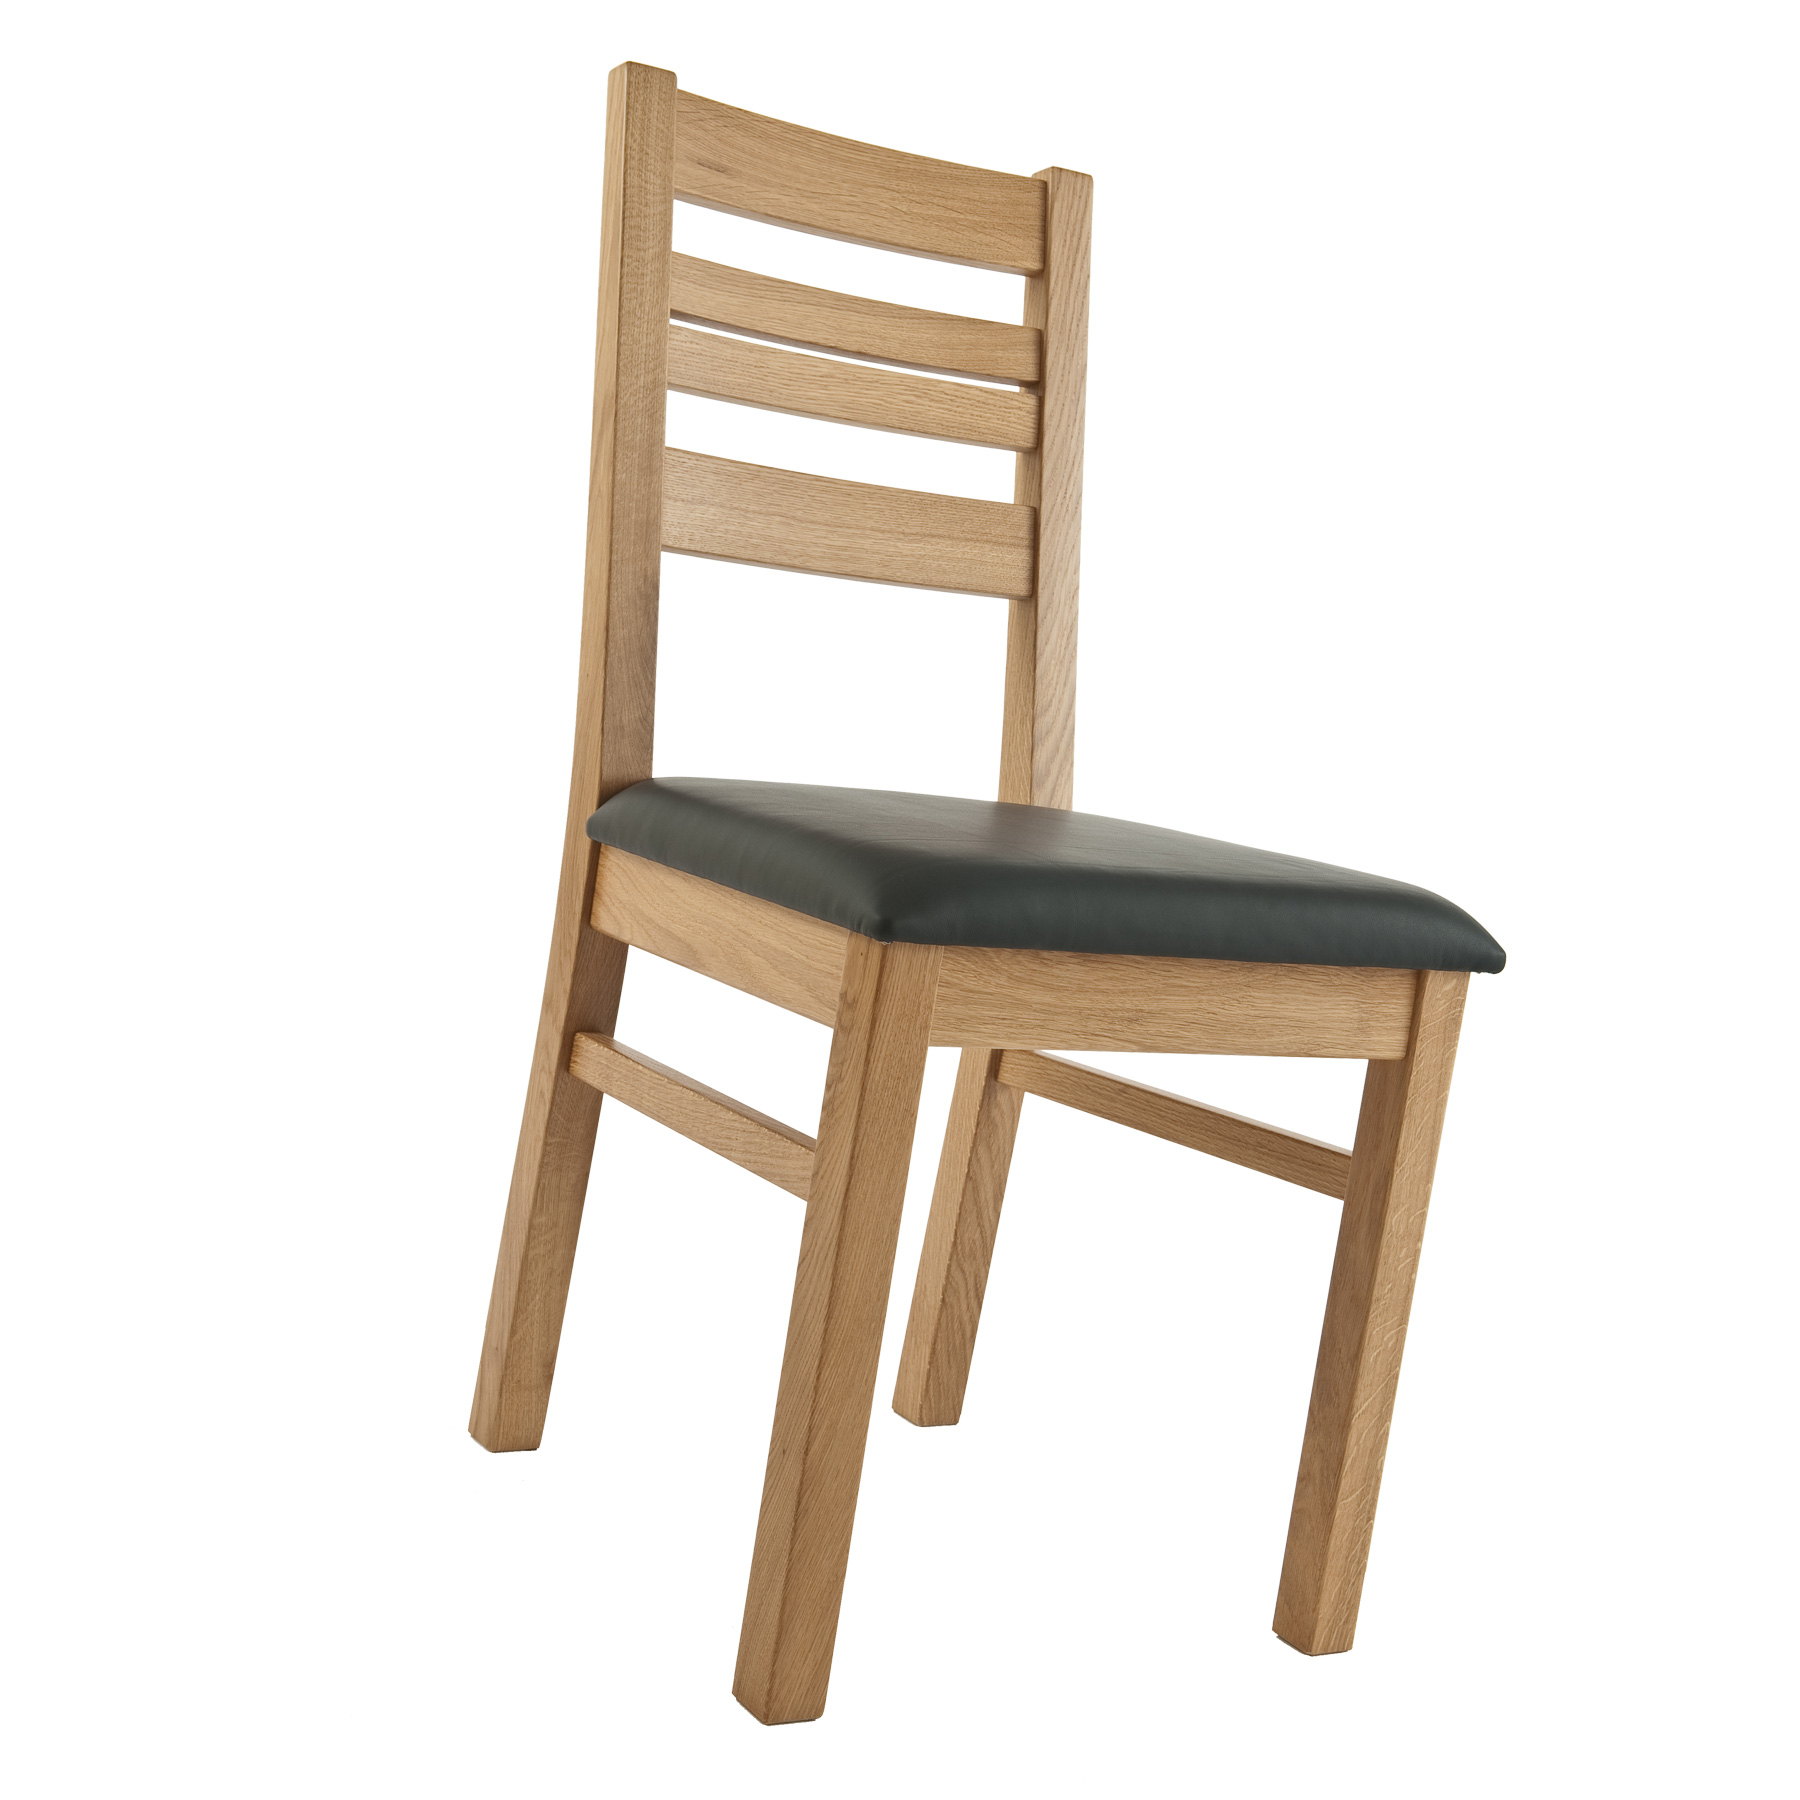 Stuhl Eiche Massiv Geölt Und Gepolstert Holzstuhl 1140